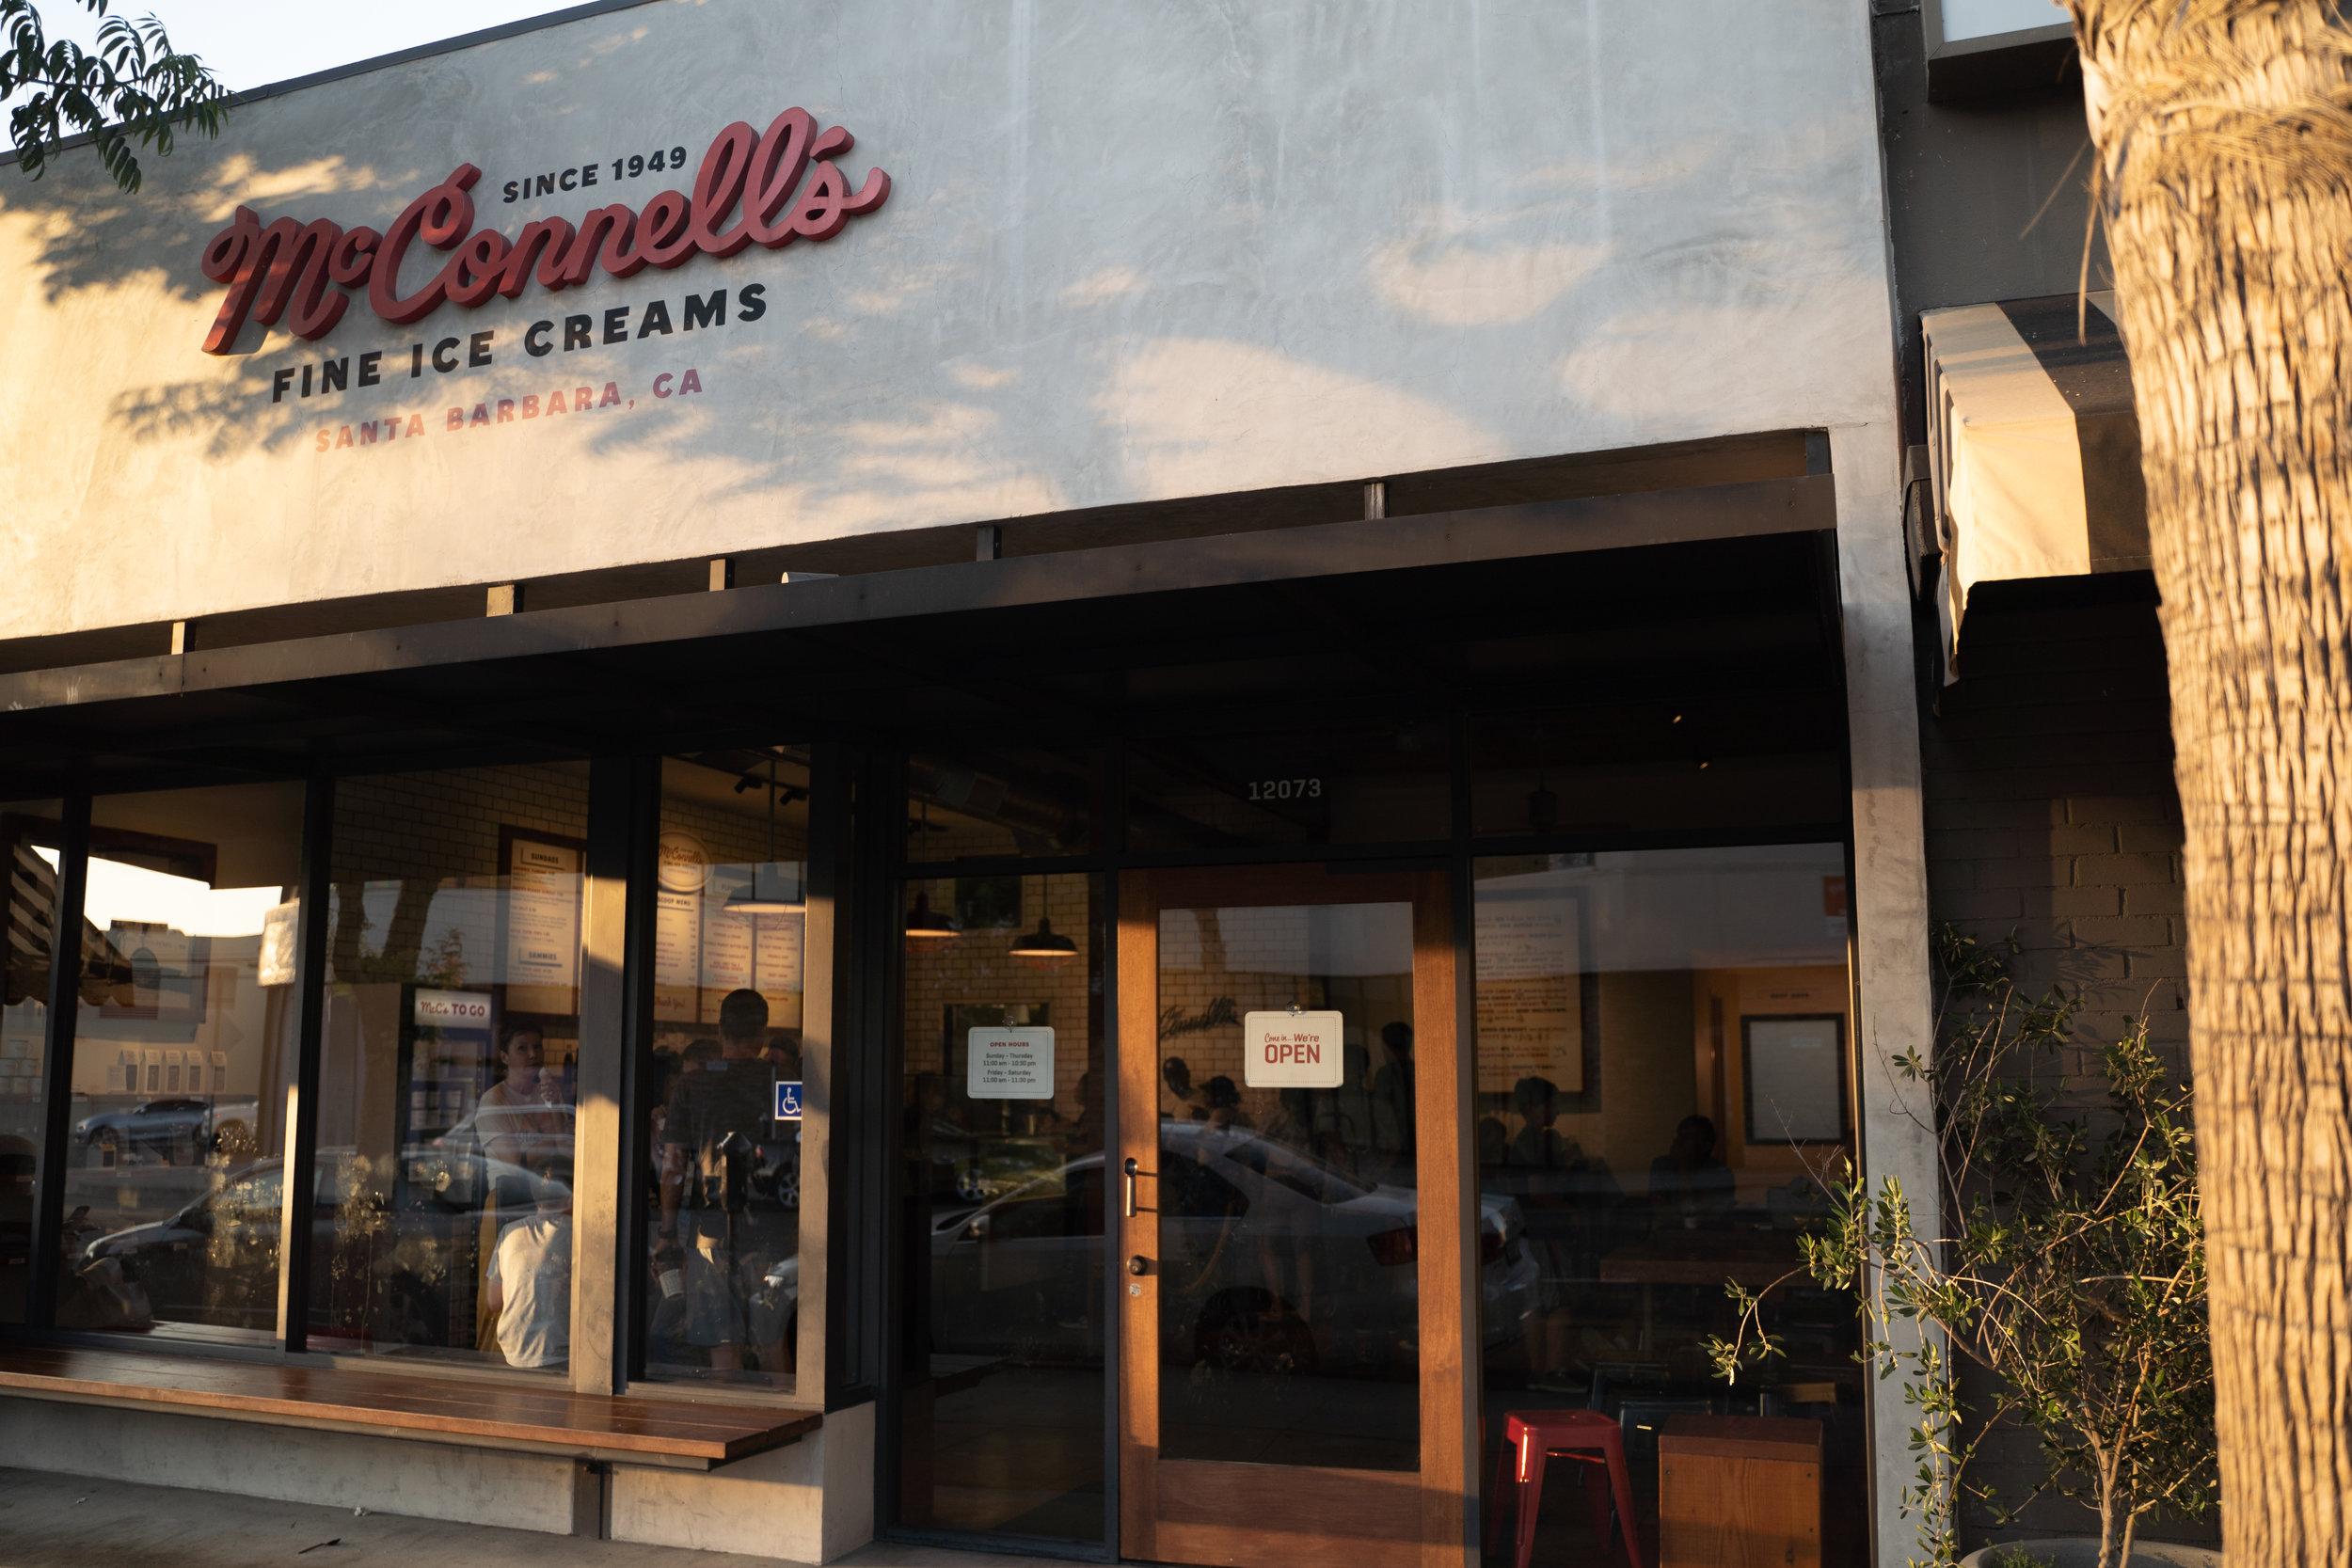 Exterior McConnell's Fine Ice Creams in Studio City